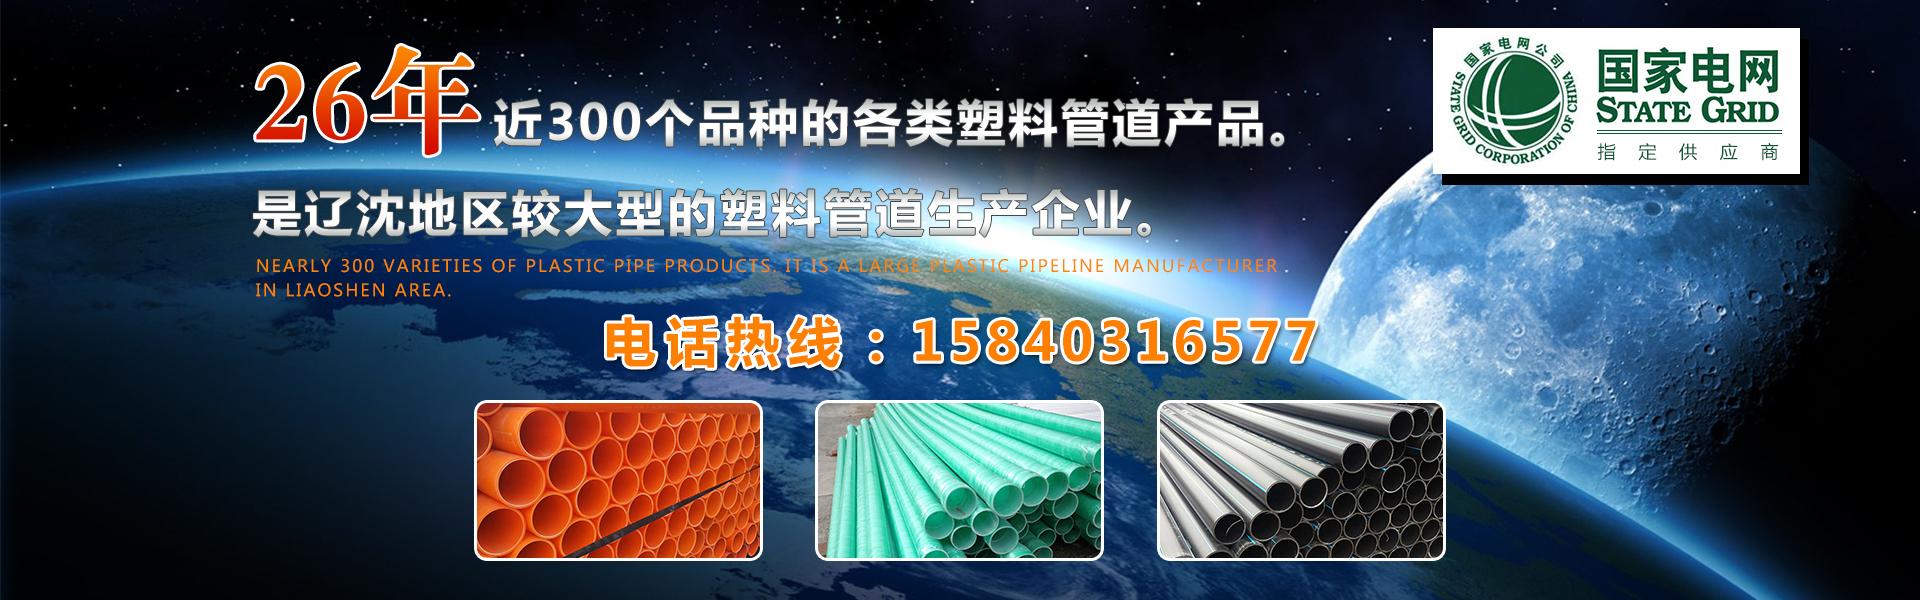 沈阳PVC双壁波纹管 沈阳CPVC电缆保护管 沈阳MPP电缆保护管 沈阳梅花管 沈阳PE钢带增强管